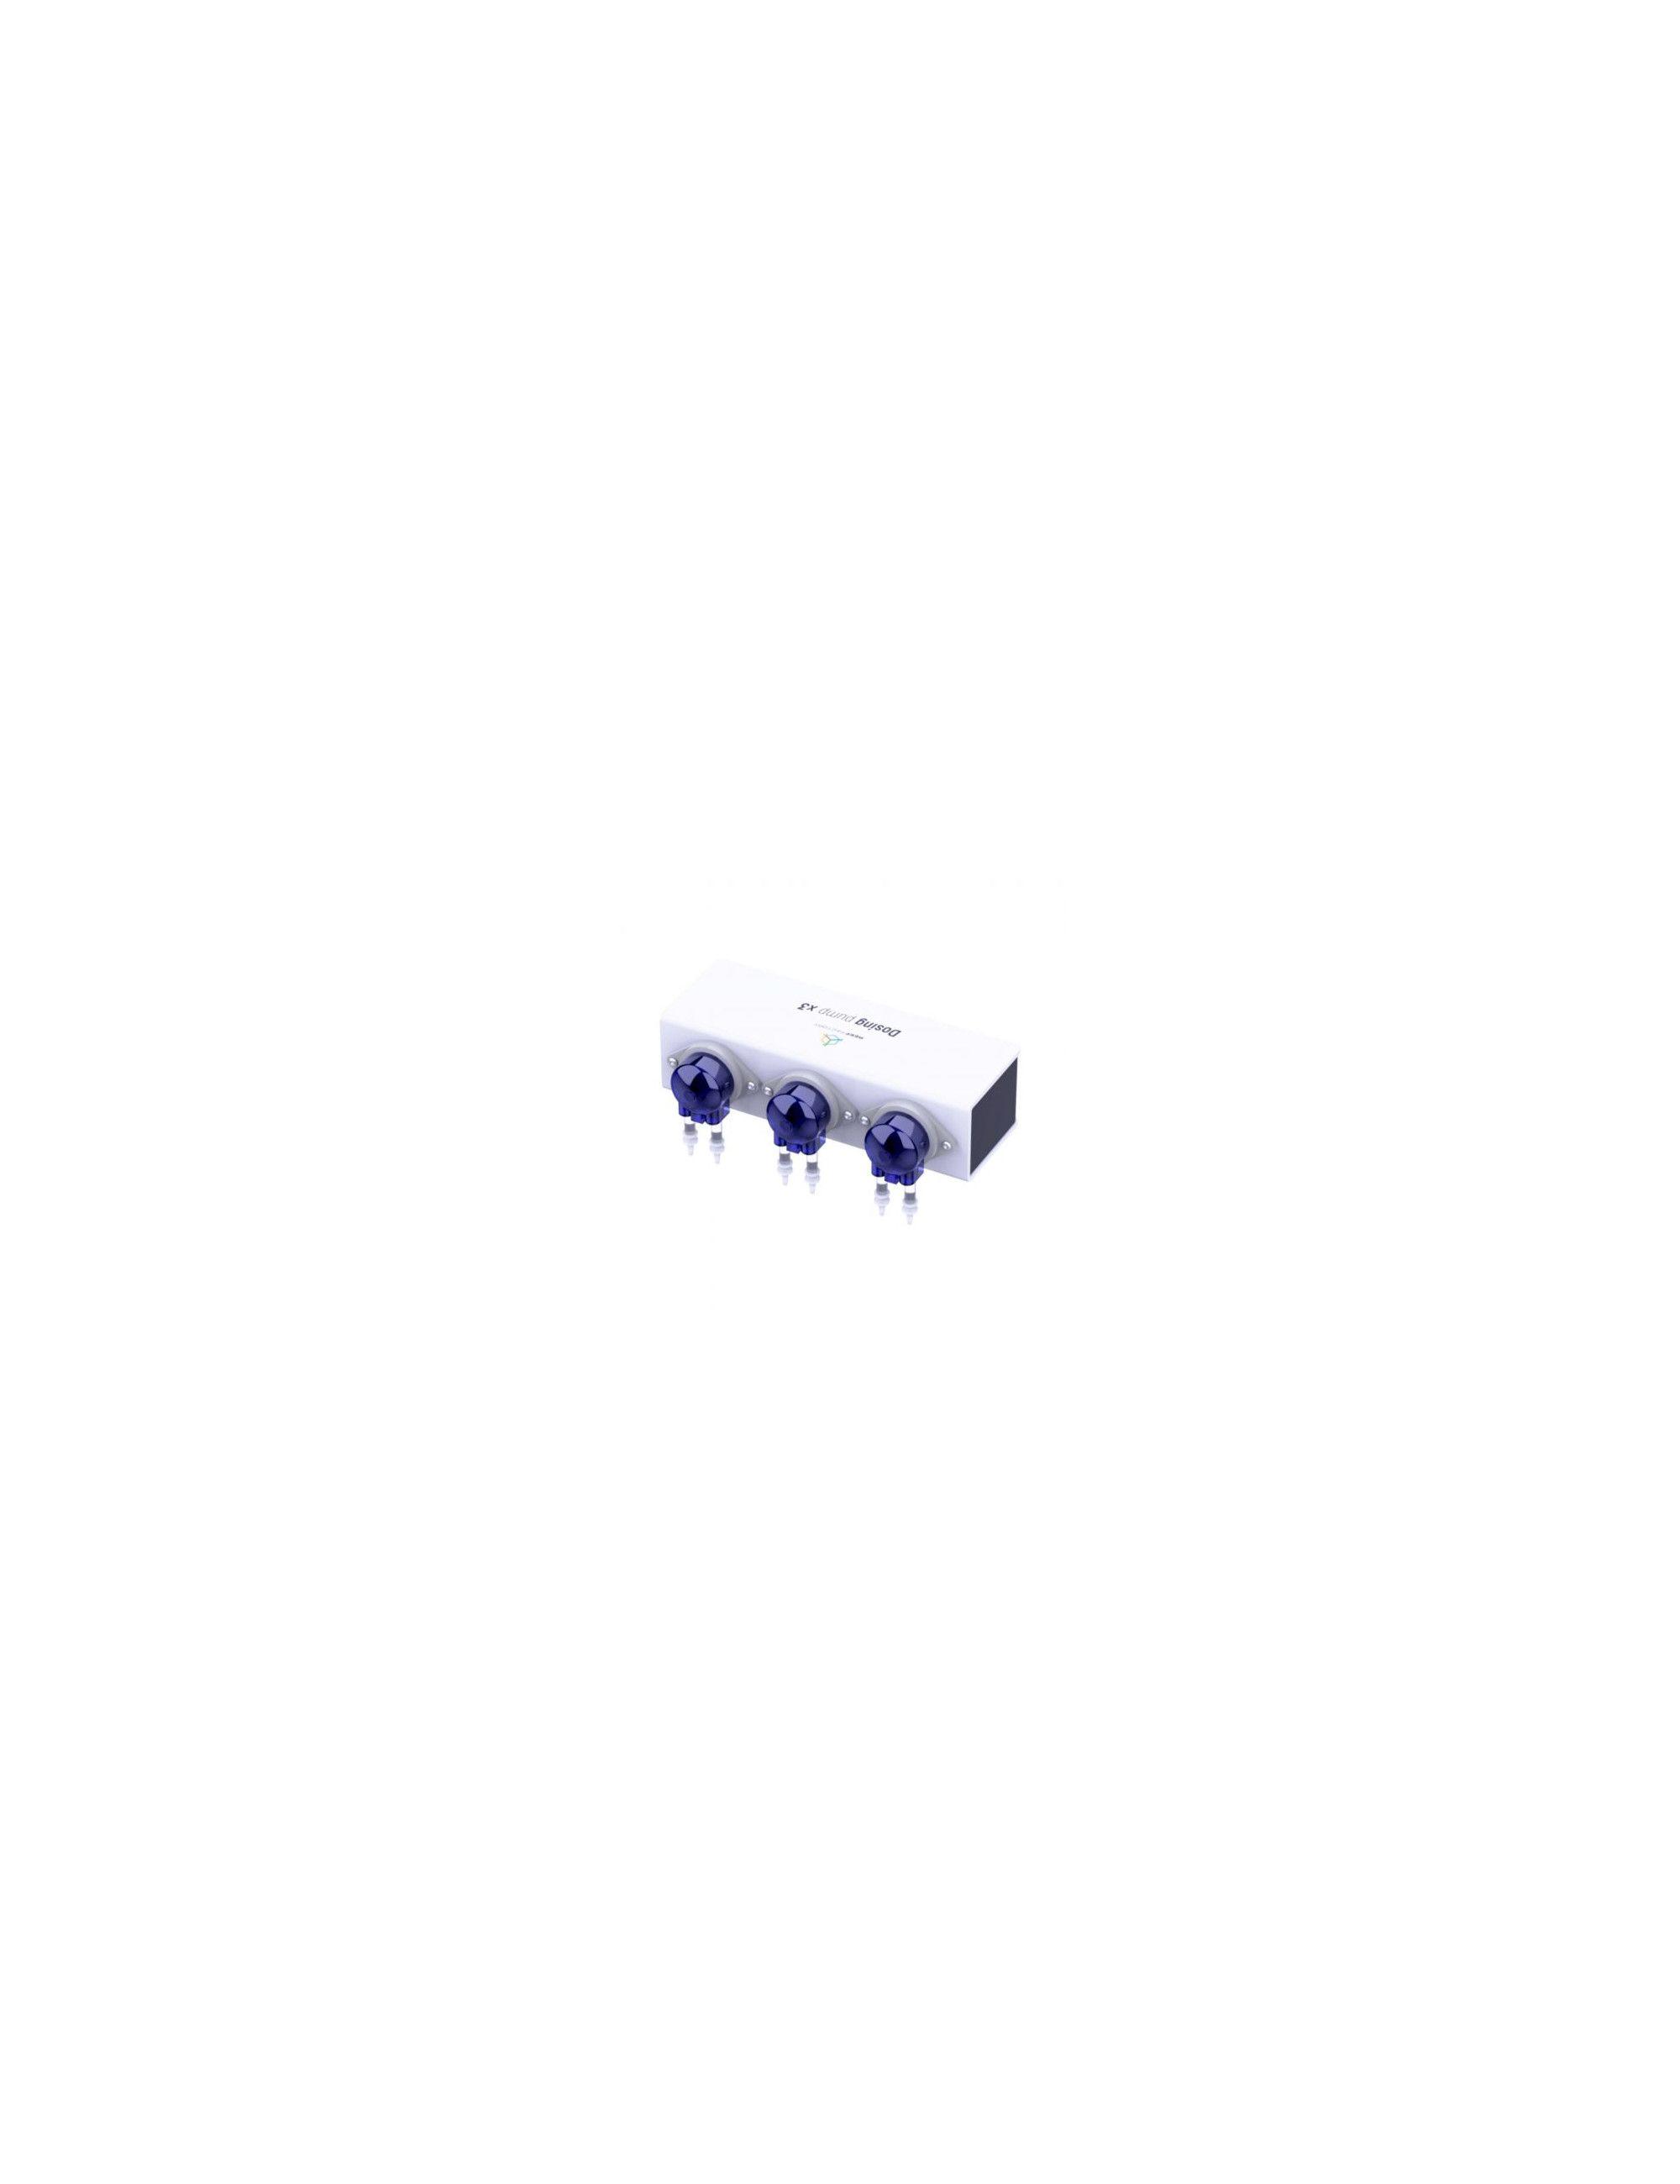 REEF FACTORY - Dosing Pump x 3 - Pompes doseuses connectées